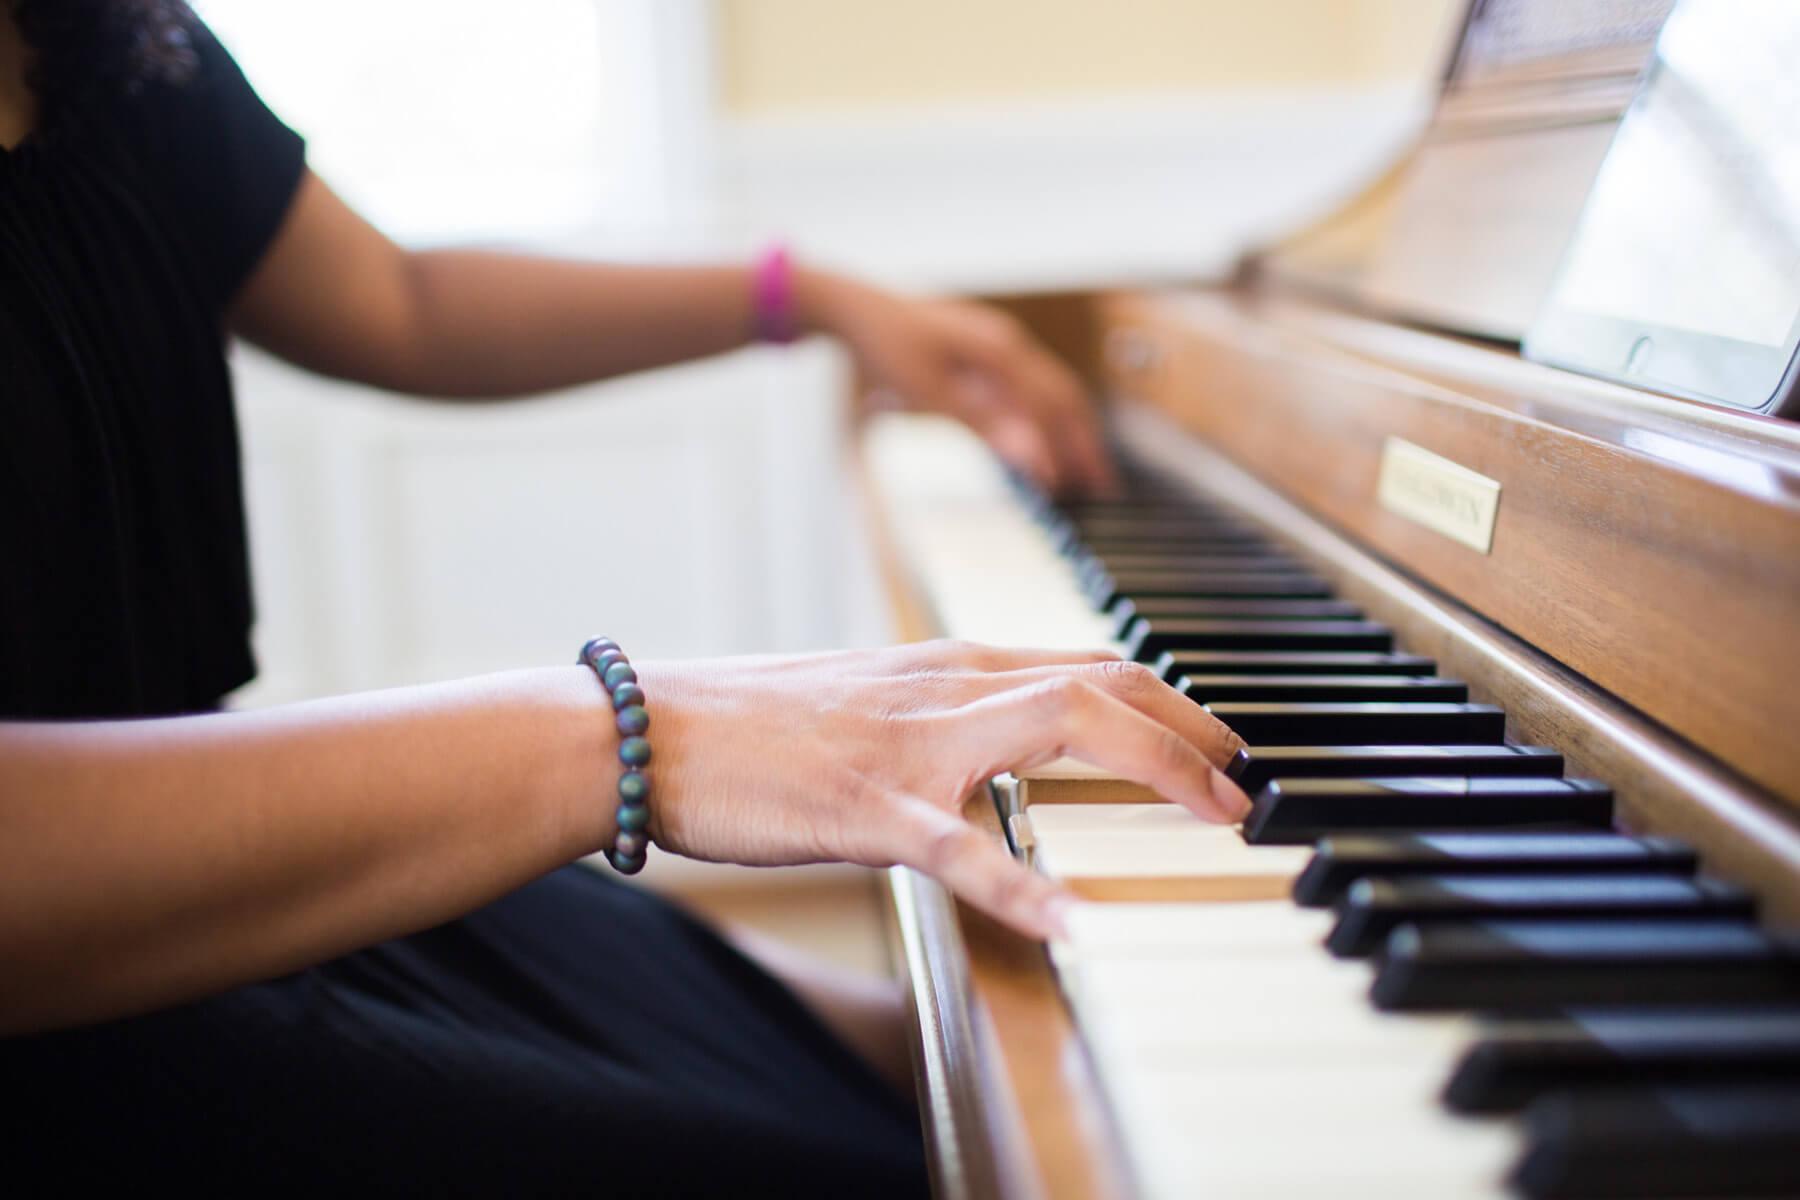 Playing piano, close up shot.